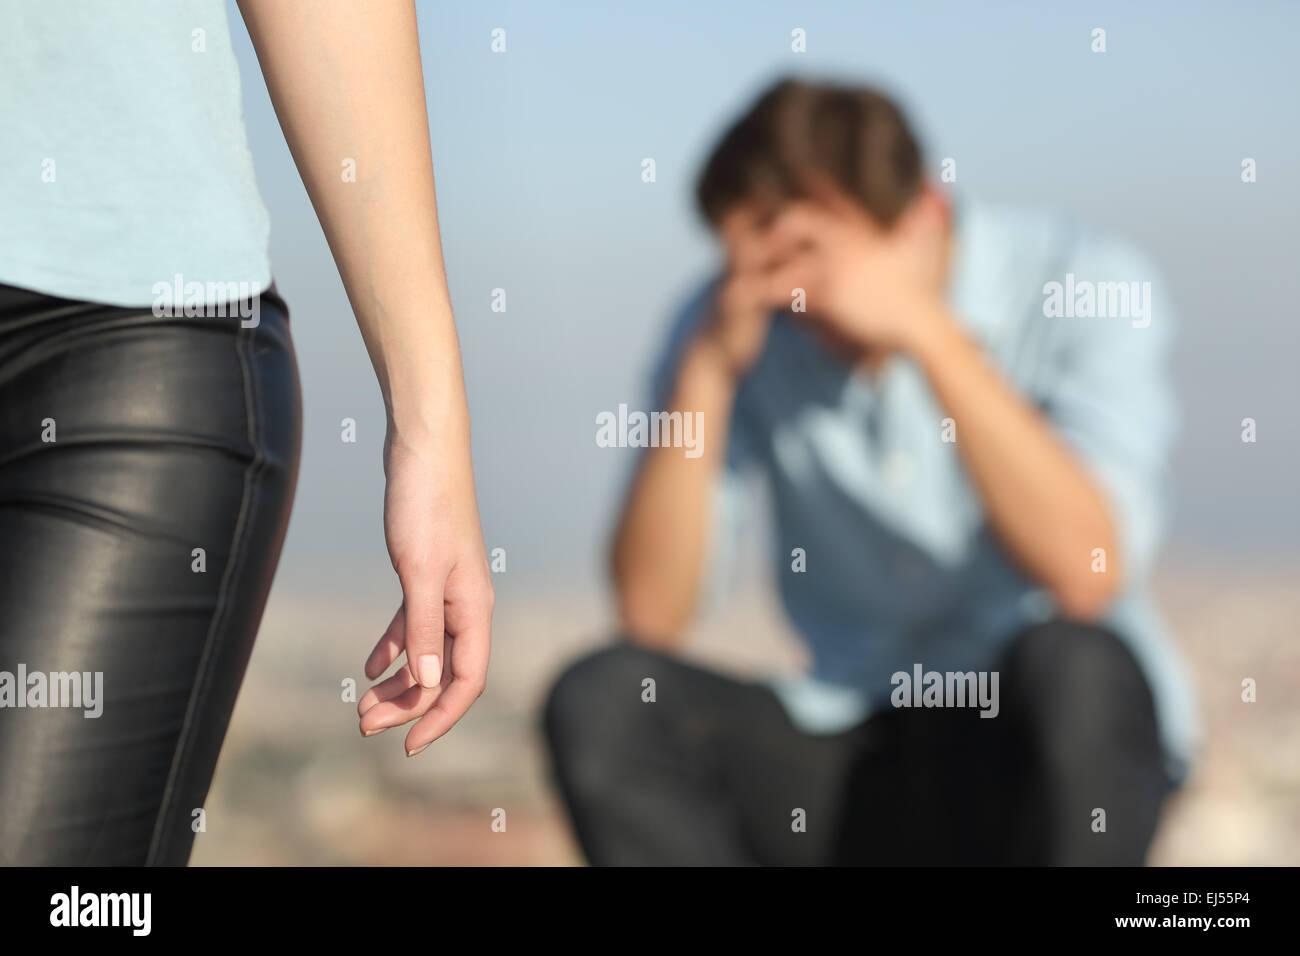 La ruptura de una pareja con un hombre triste en el fondo y la novia que lo deja en primer plano Imagen De Stock